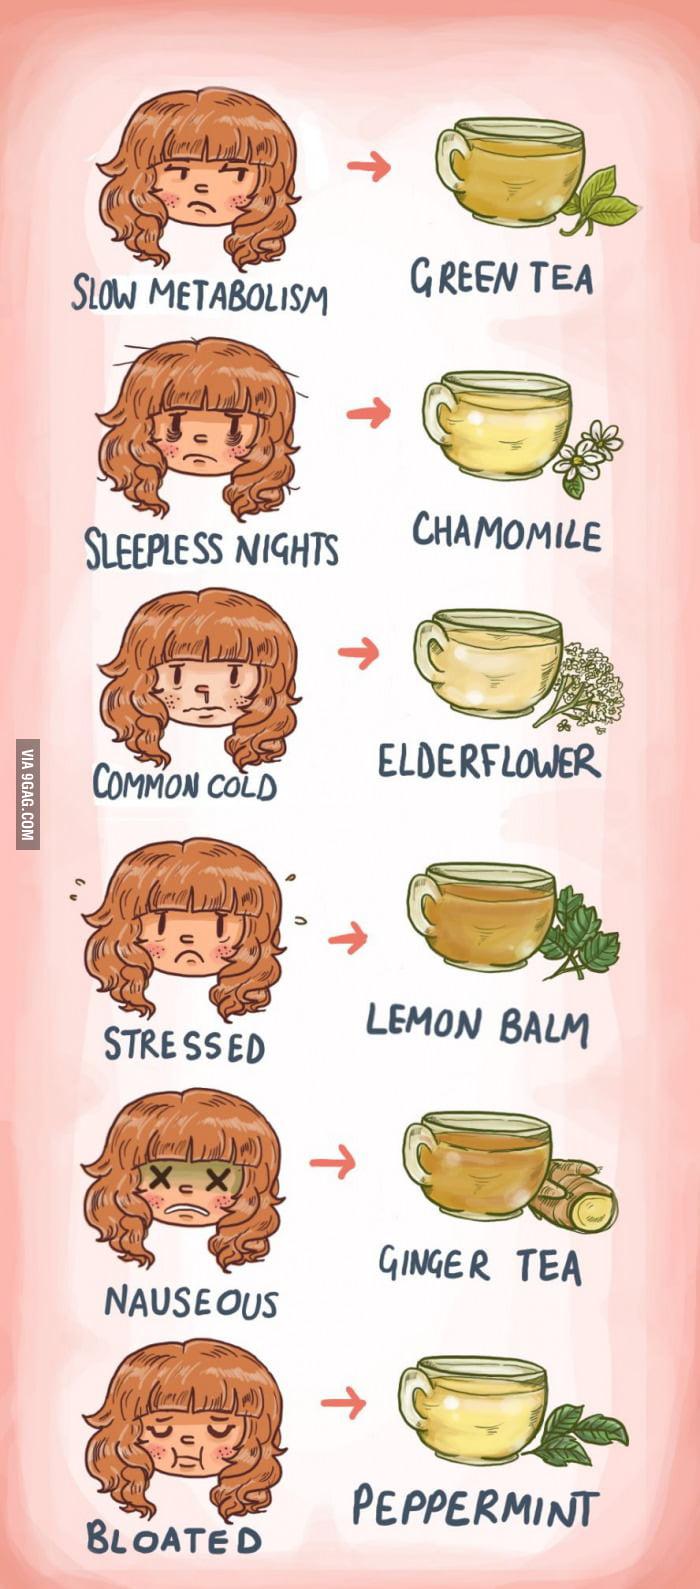 For you tea gurus